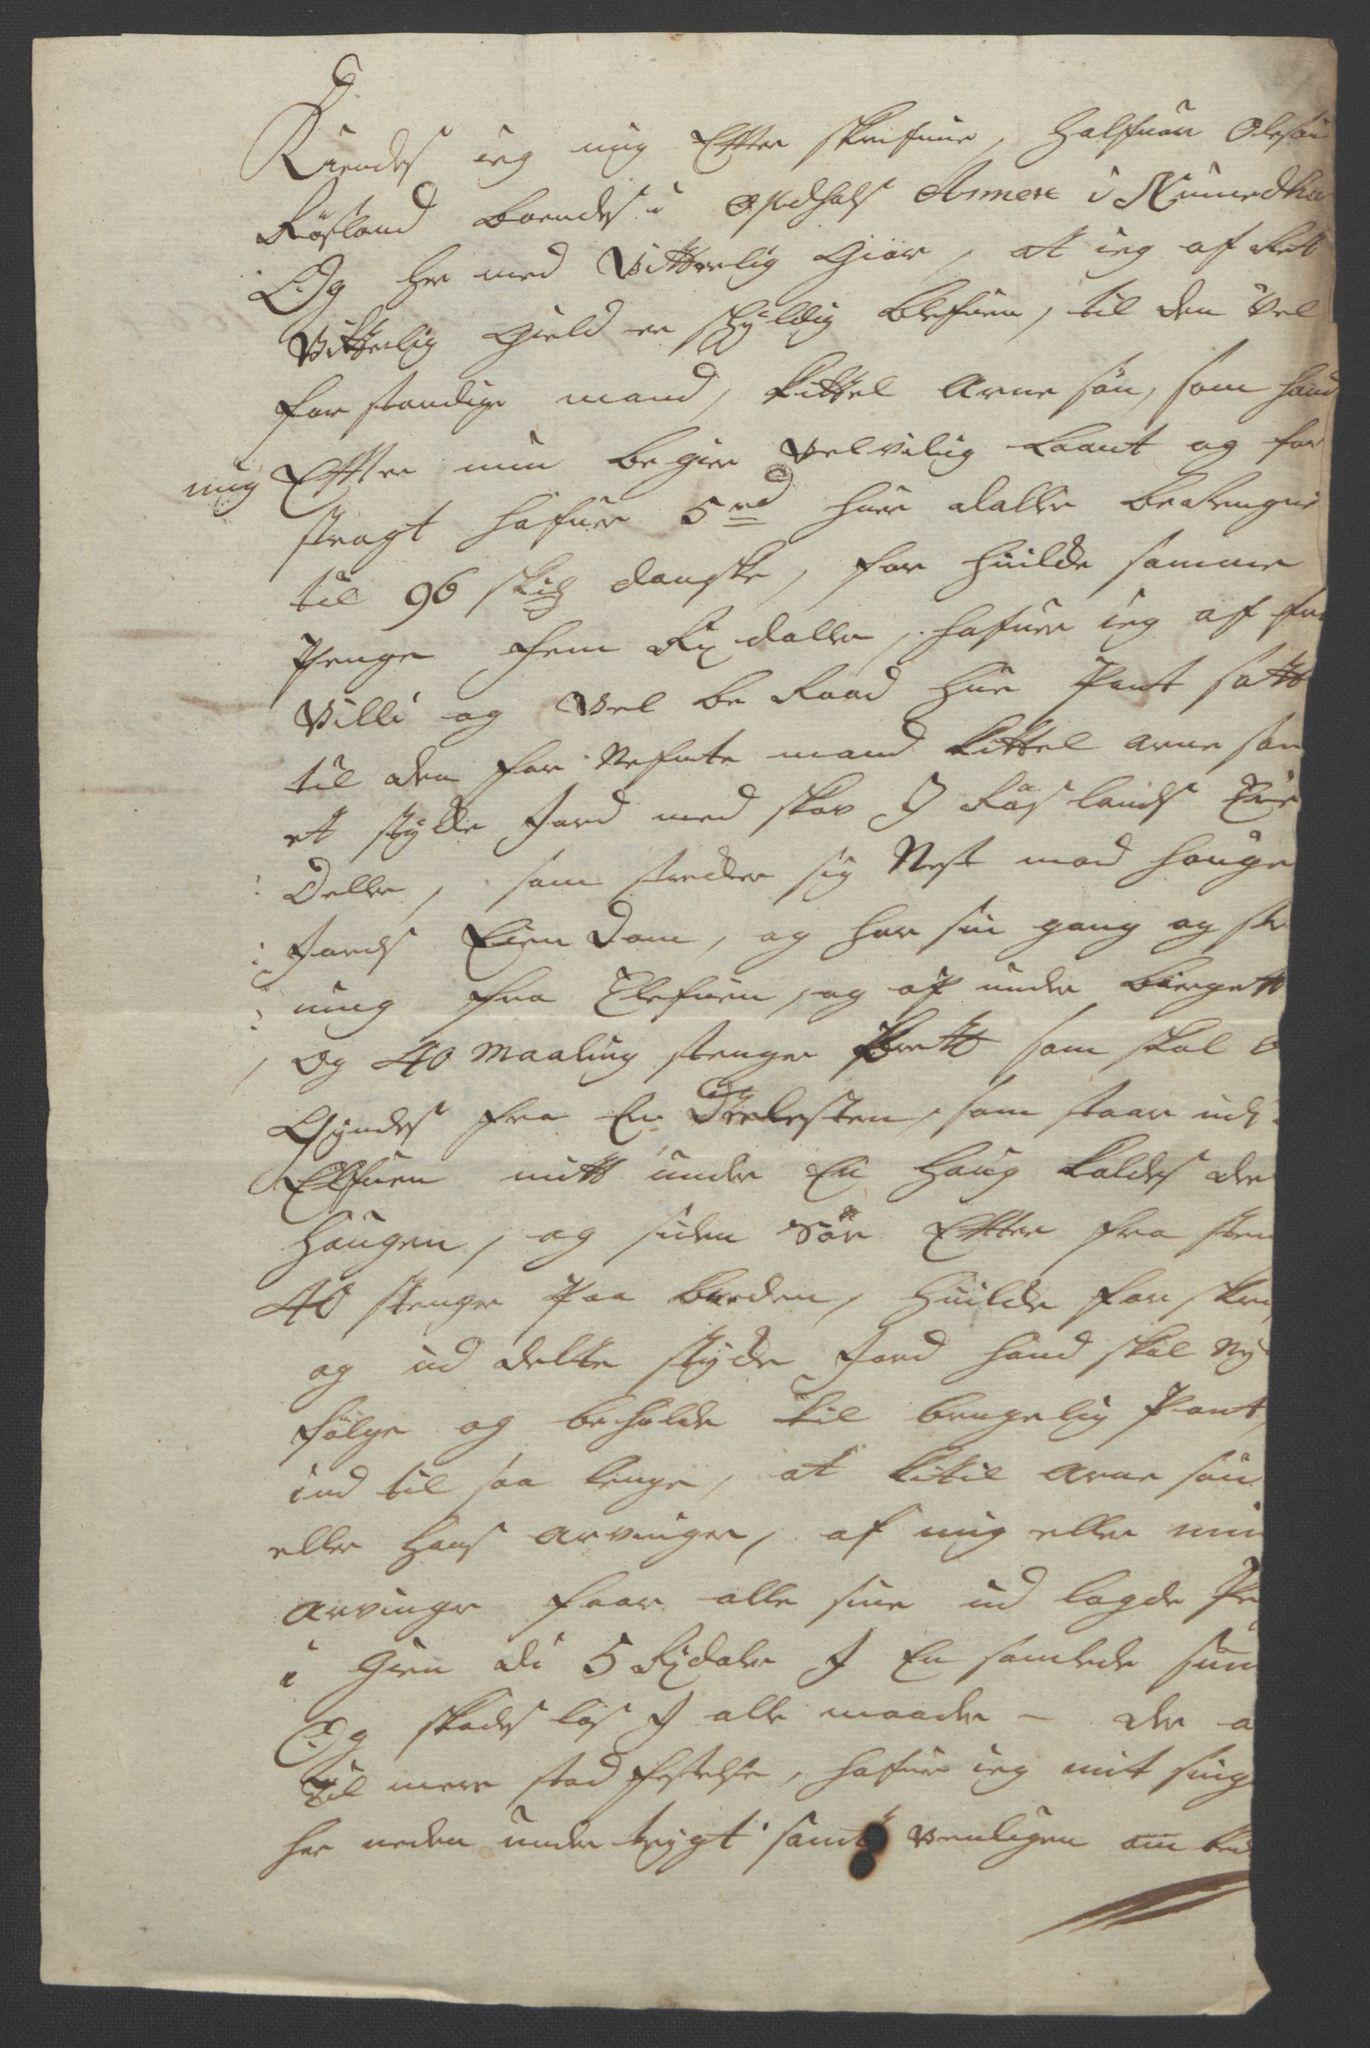 RA, Rentekammeret inntil 1814, Reviderte regnskaper, Fogderegnskap, R24/L1572: Fogderegnskap Numedal og Sandsvær, 1679-1686, s. 354